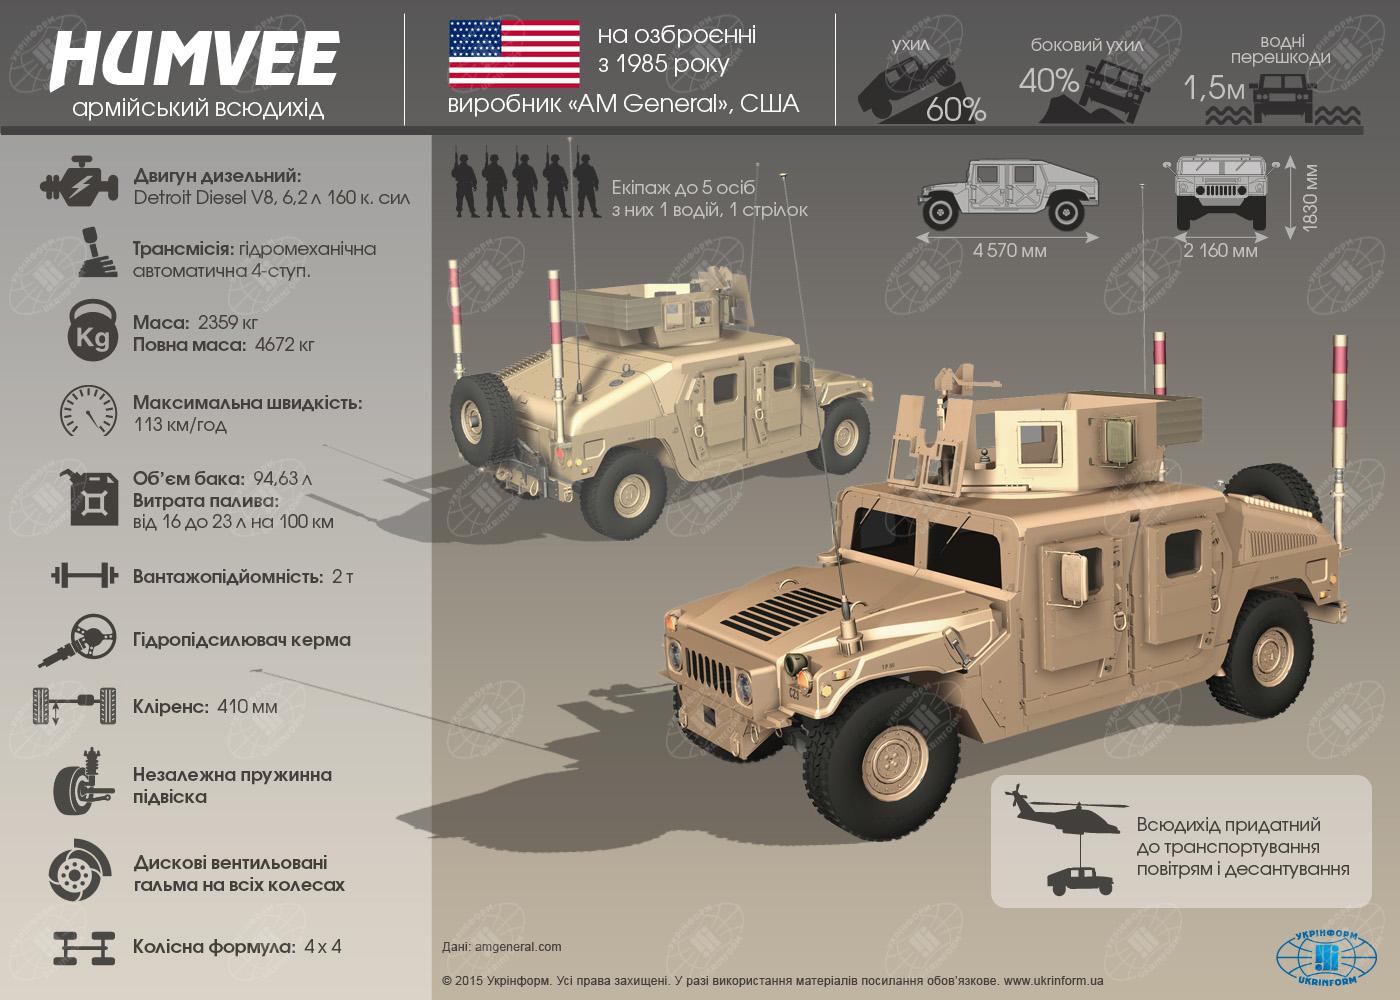 Чем хорош американский армейский вездеход Humvee: инфографика